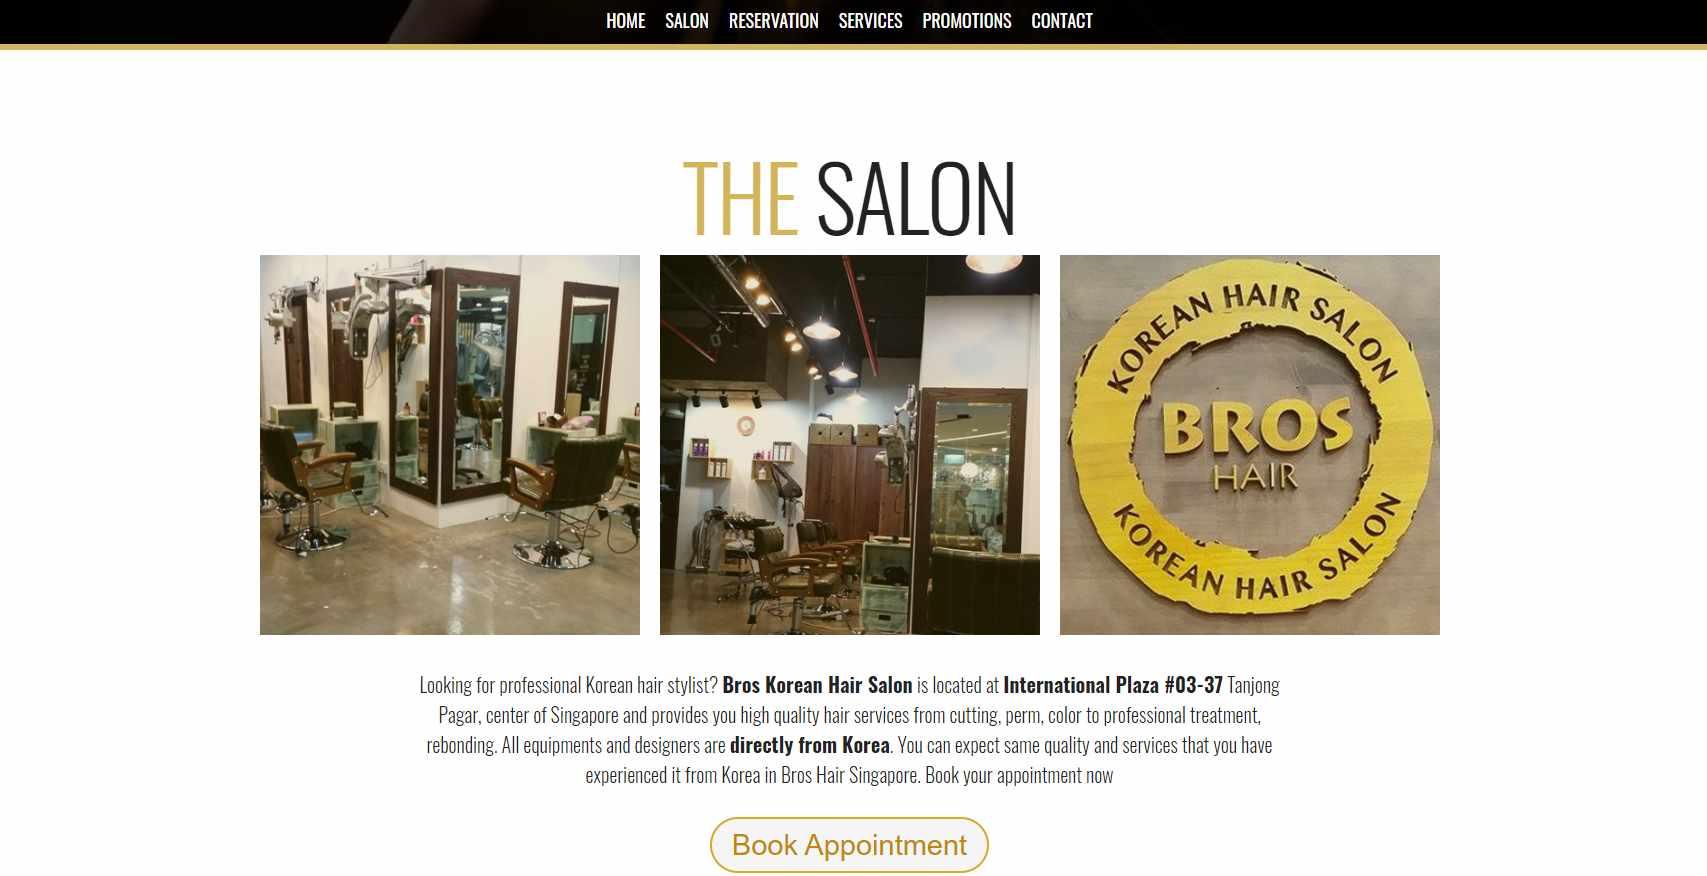 Bros Hair Salon Top Korean Hair Salons in Singapore